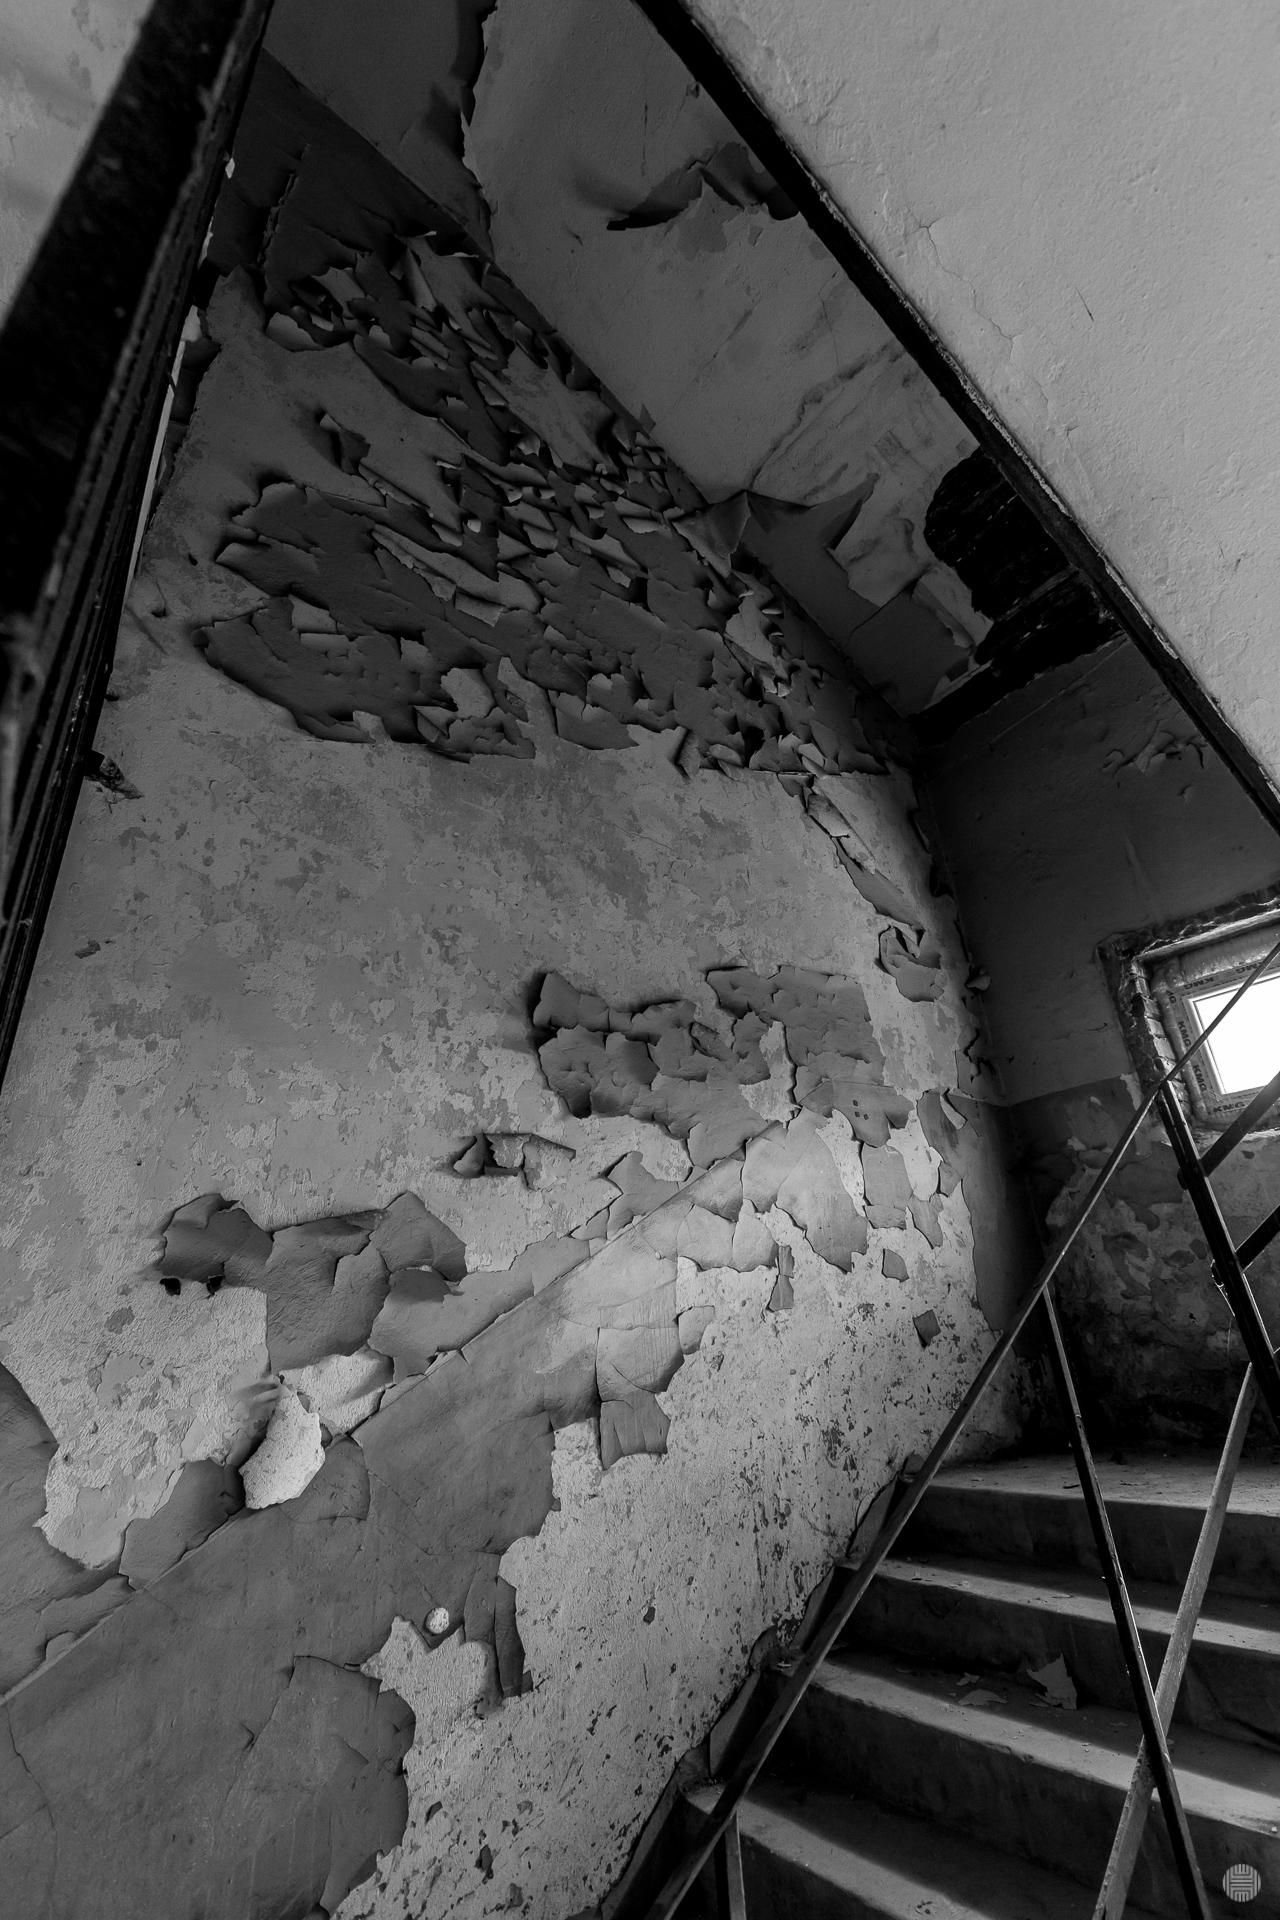 Сградата на Първо помощно училище е строена за целите на дом за сираци в края на 19-ти век. Снимка: Дамян Хаджииванов, Light Captured